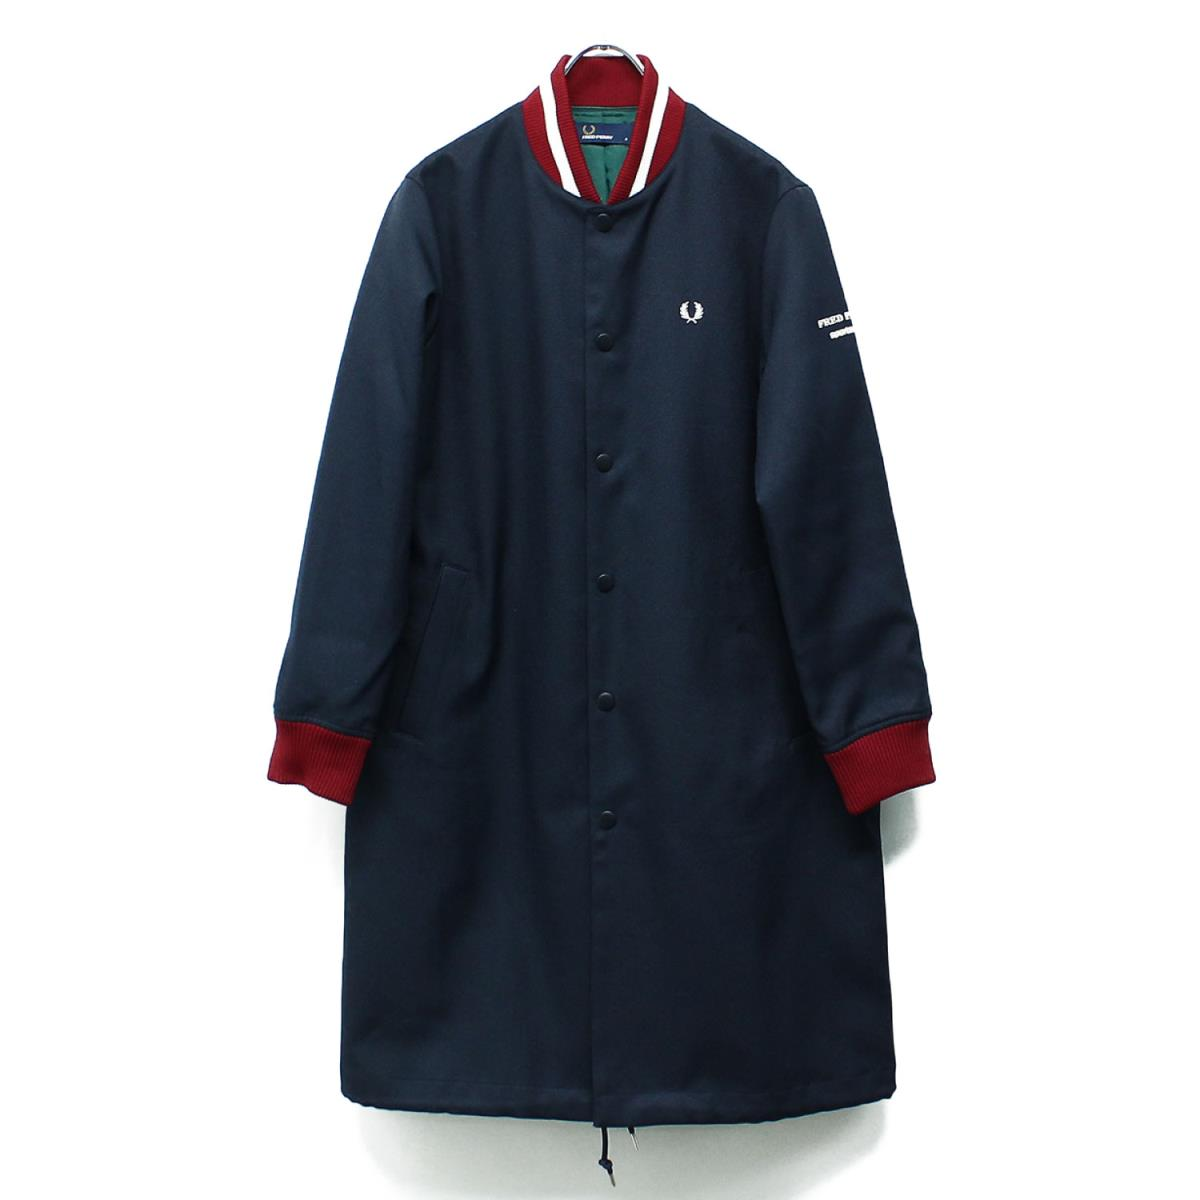 FRED PERRY フレッドペリー コート BOMBER COAT ボンバー コート F6287 19春夏 ネイビー 8 【レディース】【中古】【新品同様】【K2605】